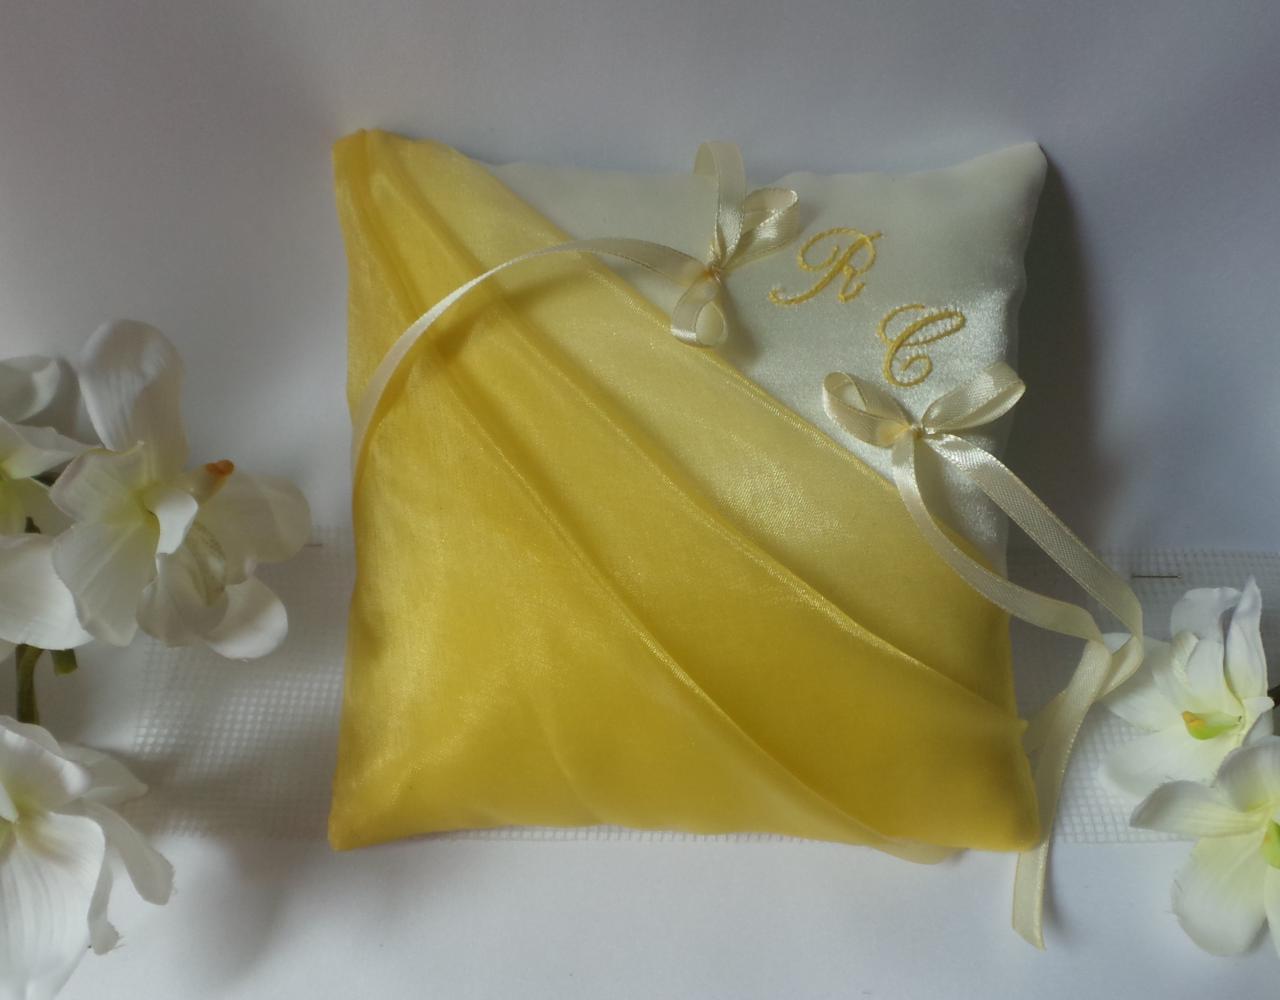 coussin alliances jaune ivoire(81)